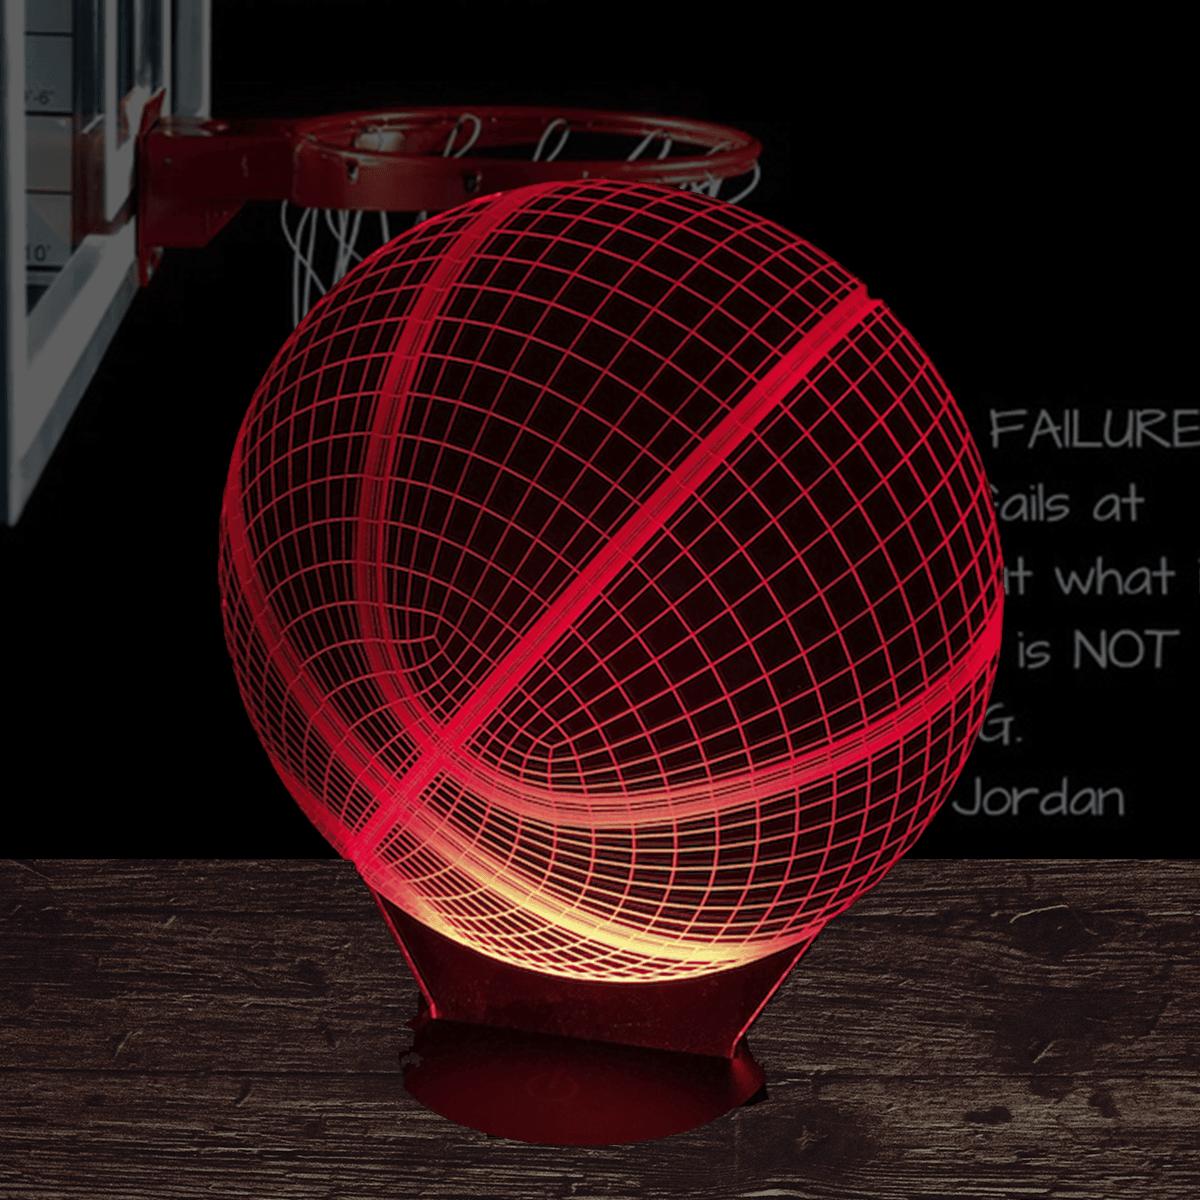 Basketball 3d Illusion Led Lamp 3d Led Light 3d Led Lamp Led Lamp